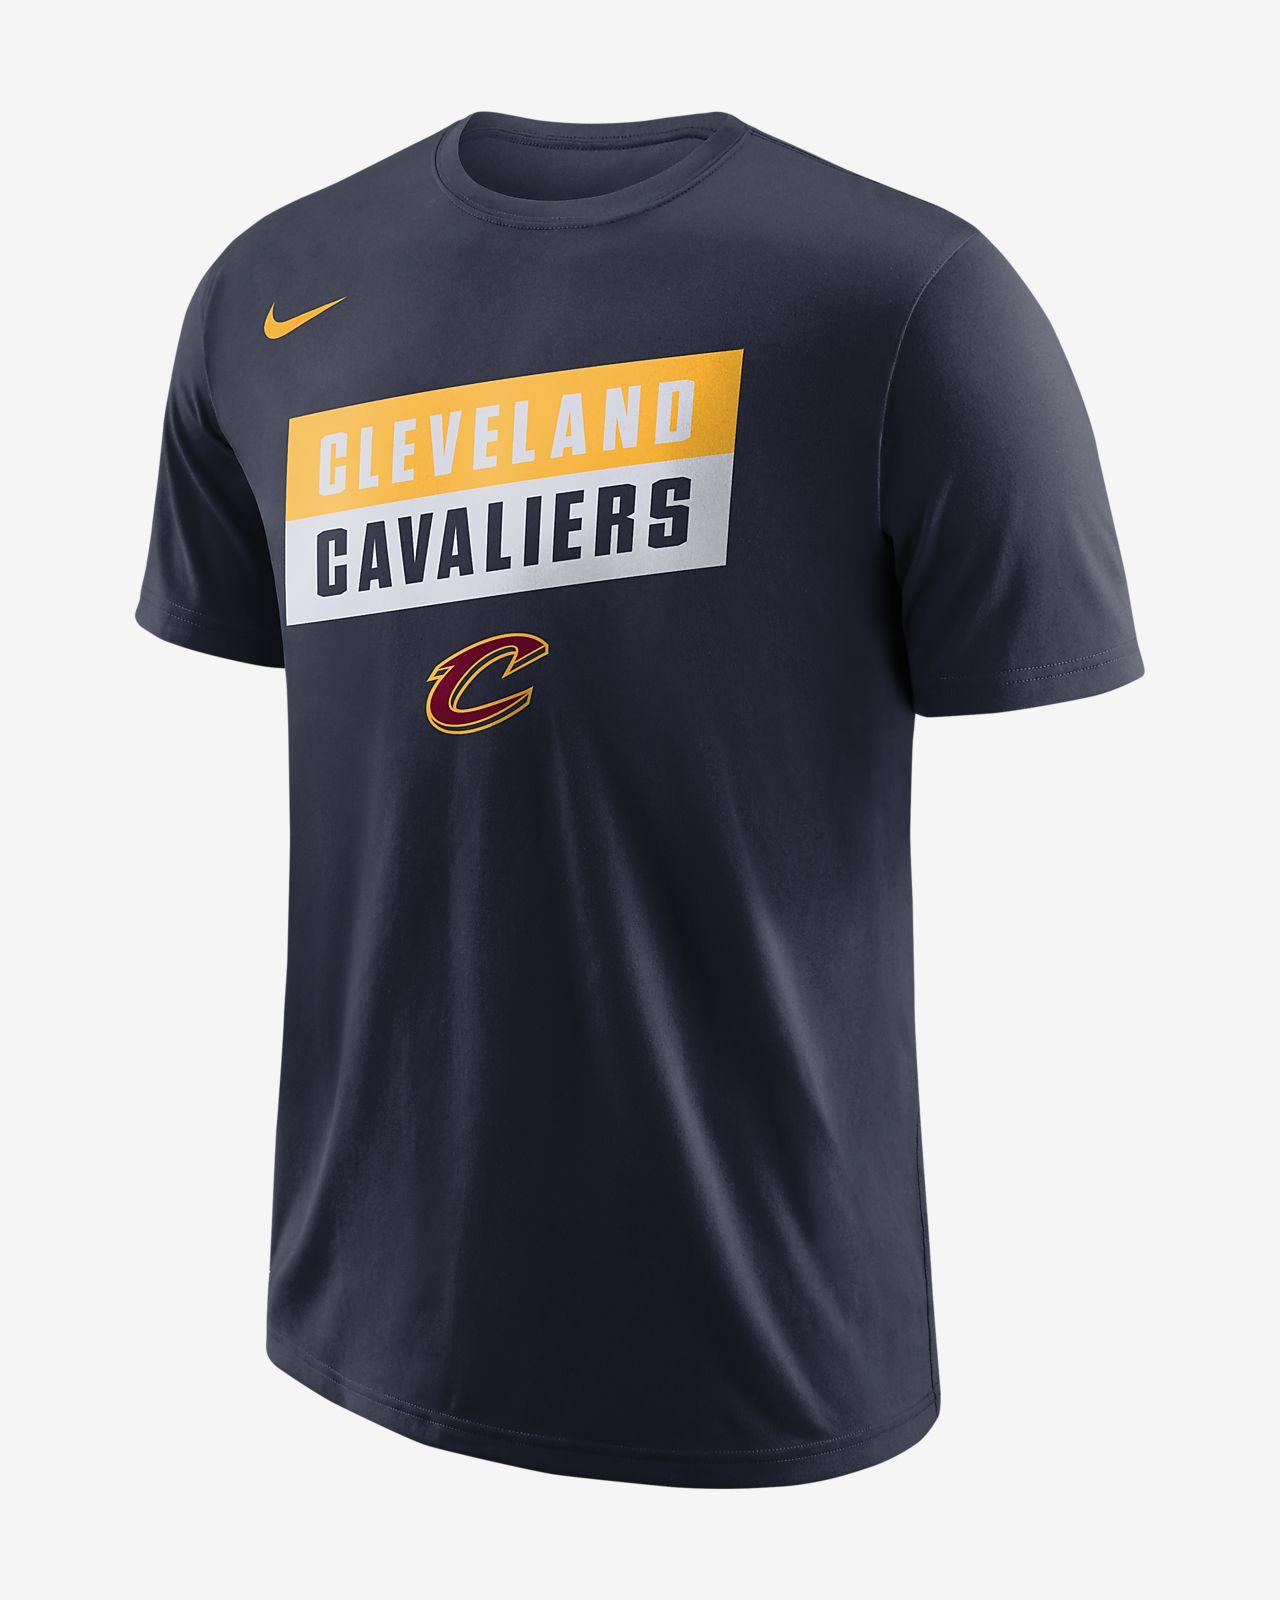 Playera de la NBA para hombre Cleveland Cavaliers Nike Dri-FIT